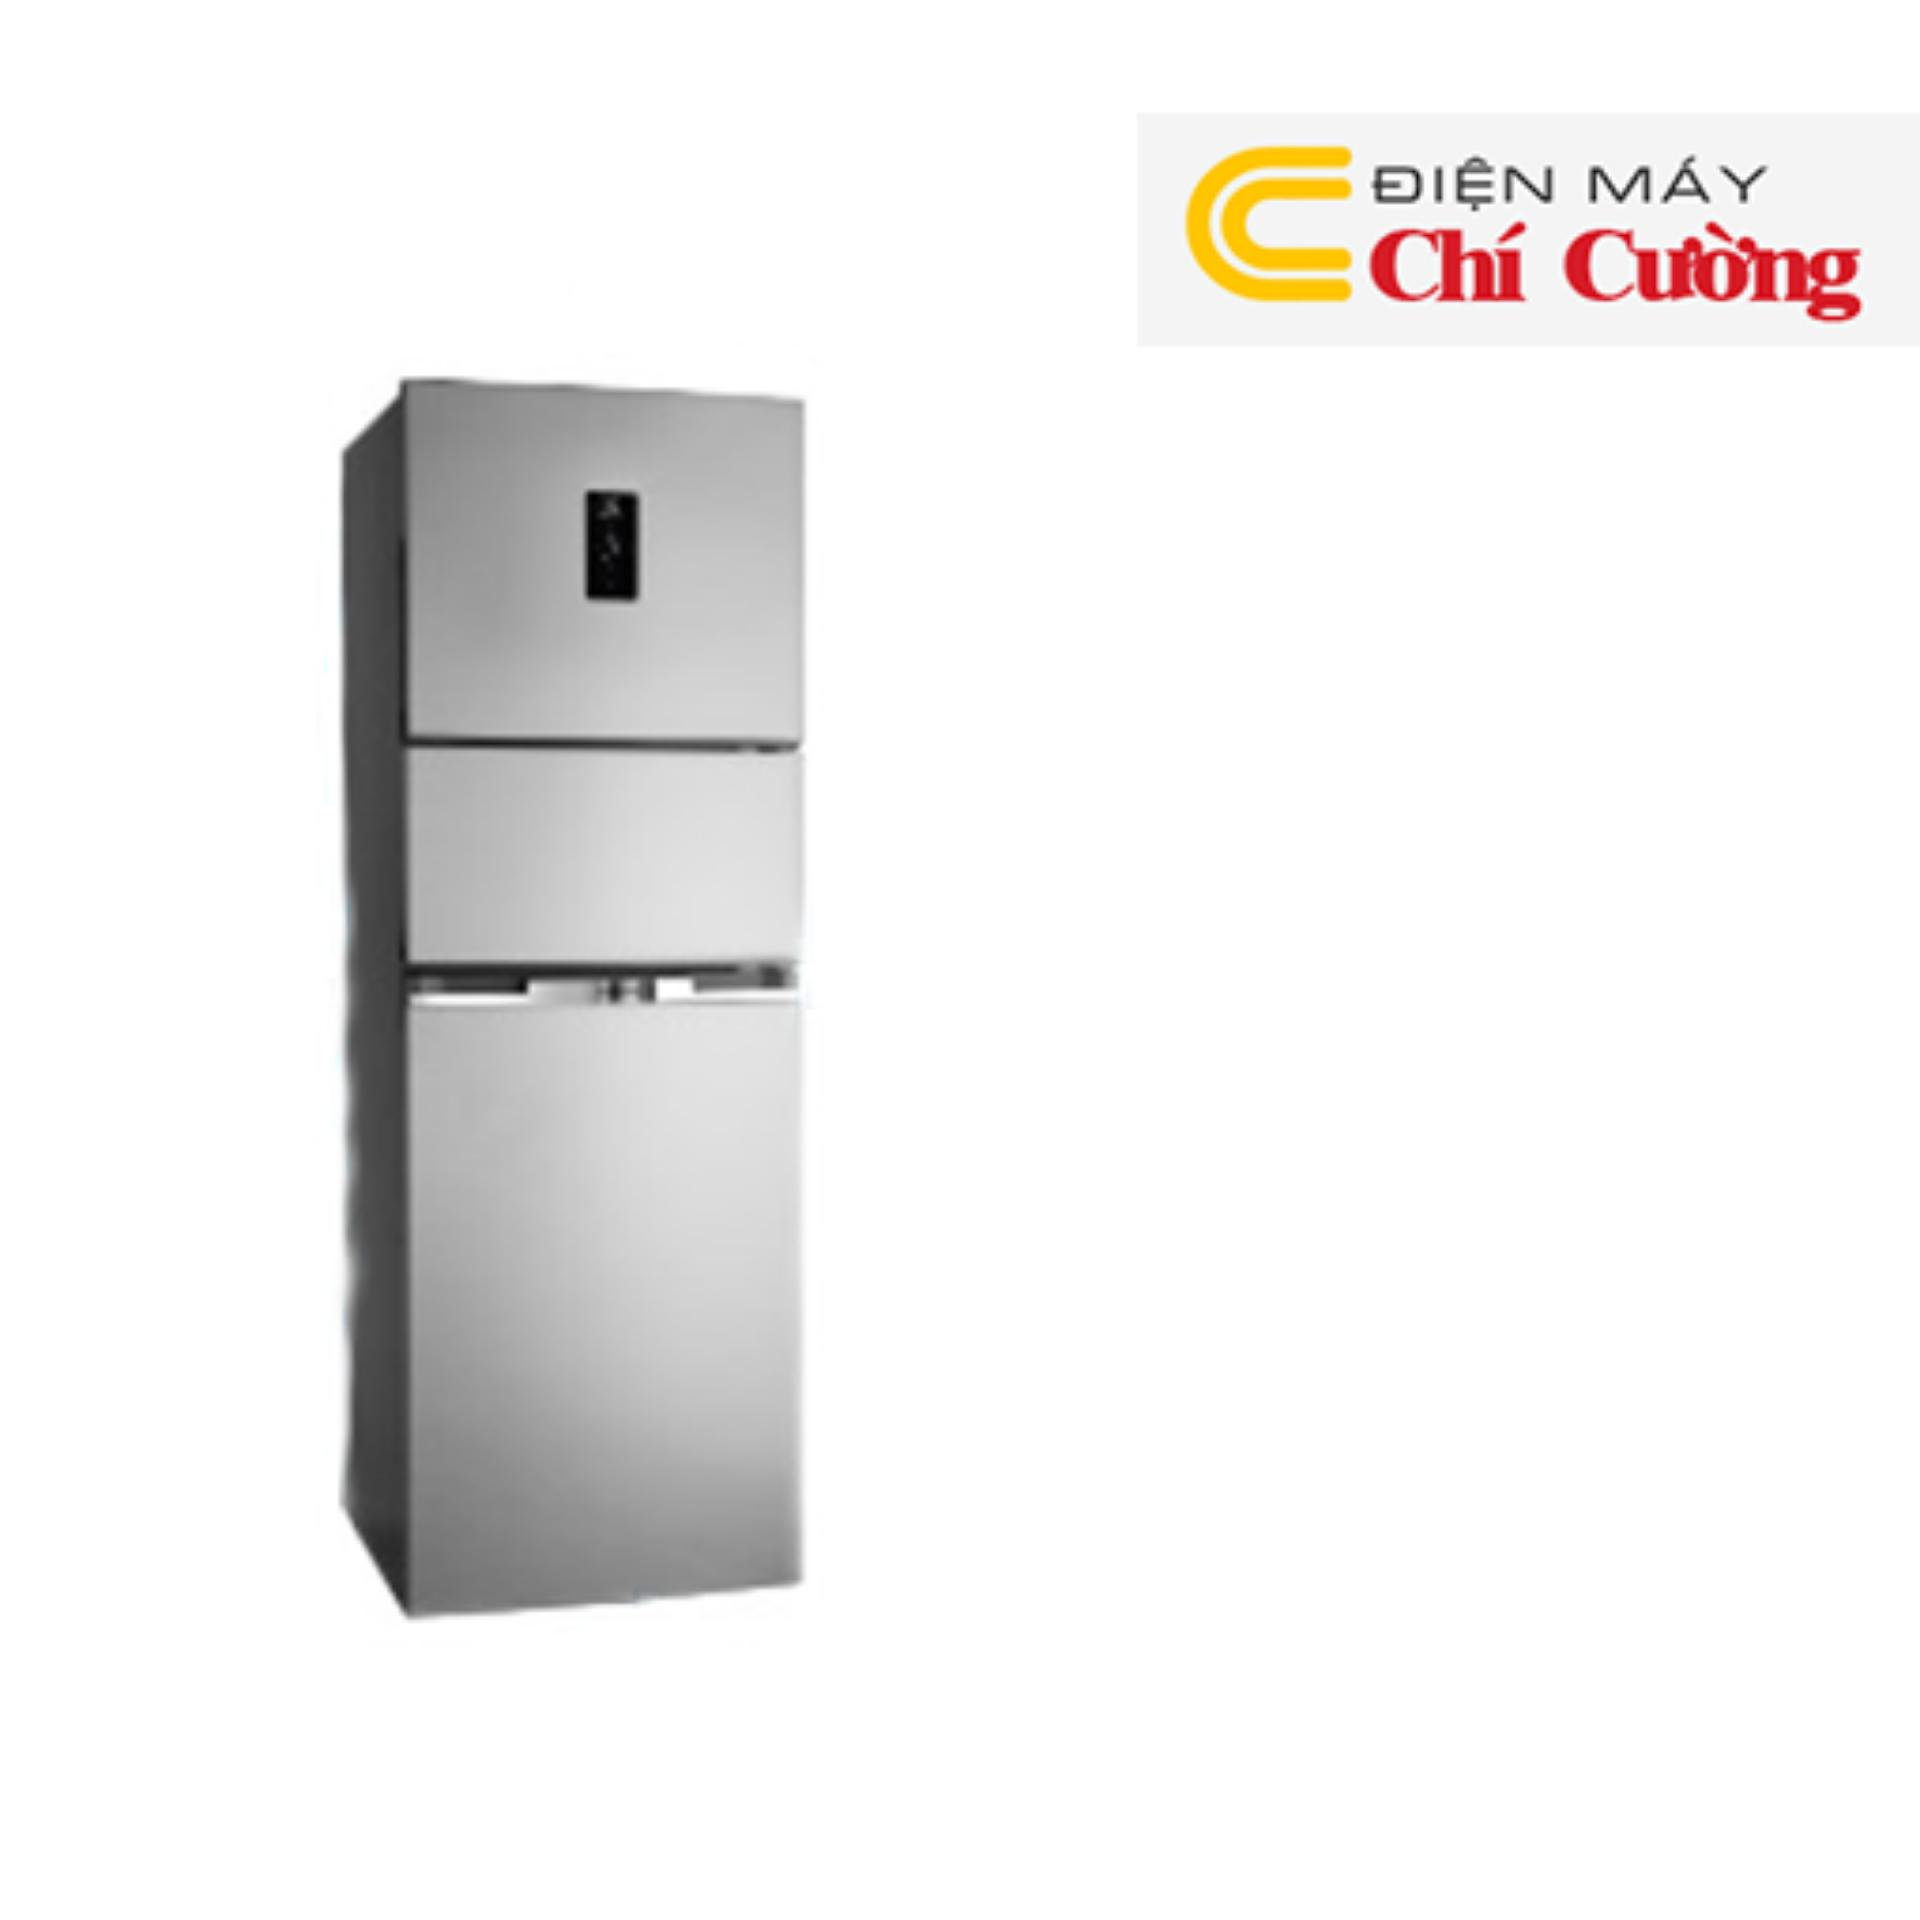 Tủ lạnh 3 cửa Electrolux Inverter EME3500MG 364 Lít